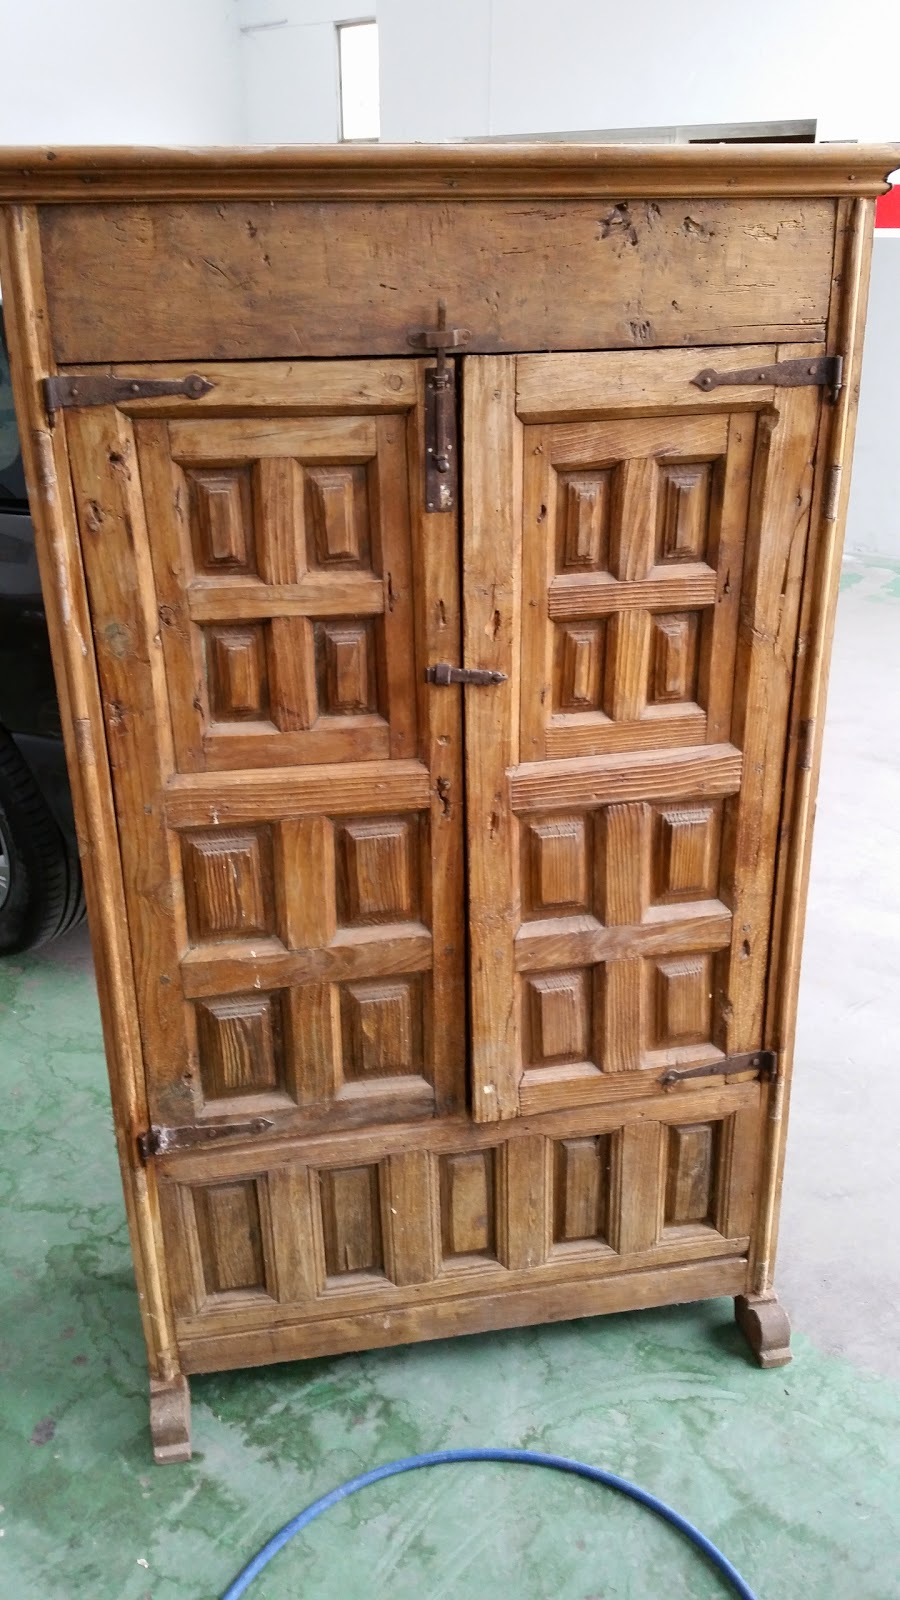 El garaje de quique restaurar mueble de pino castellano for Muebles para garaje